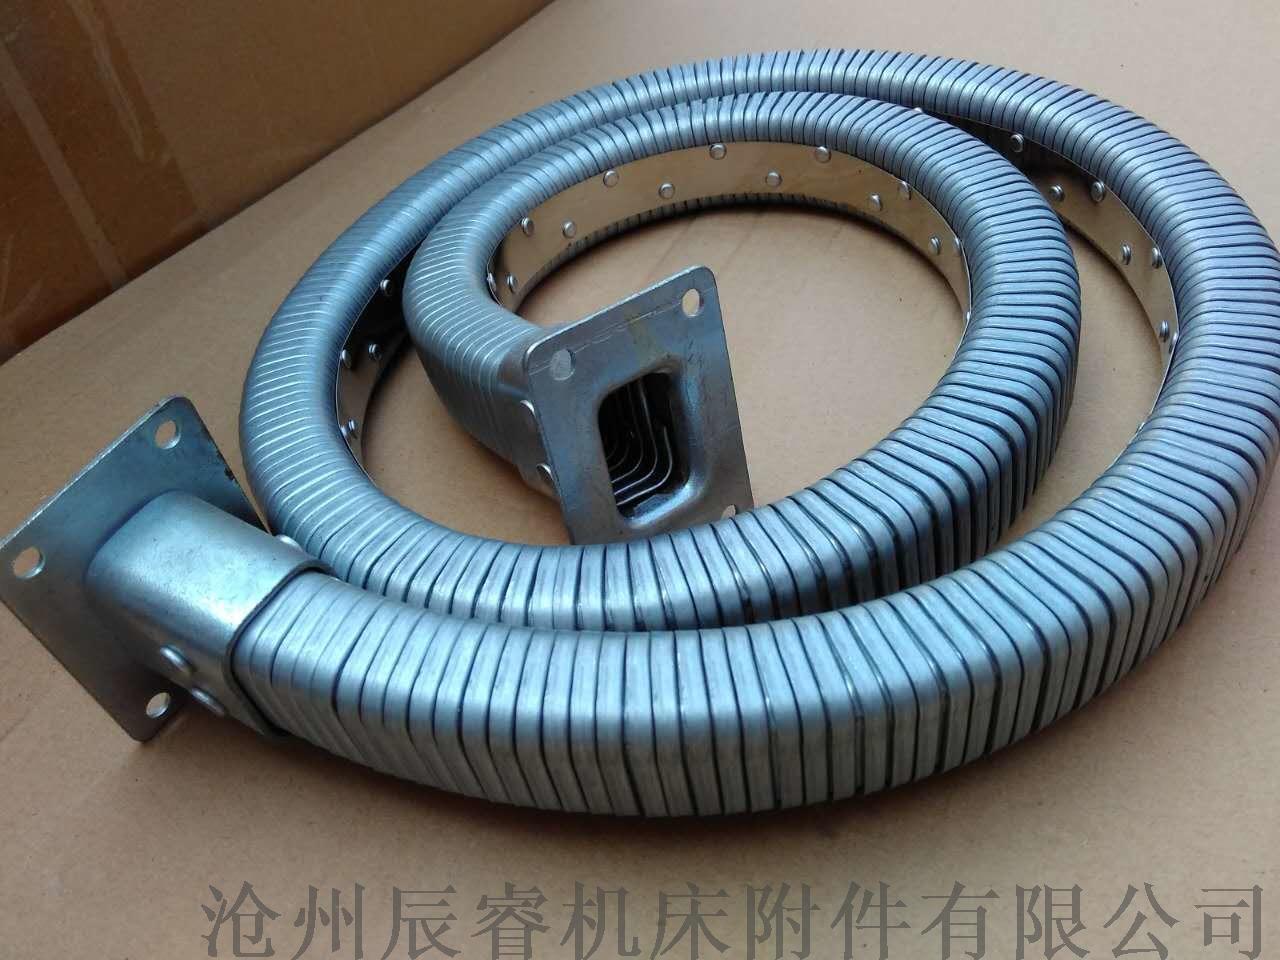 52*102矩形金属软管 沧州嵘实矩形金属软管872116545